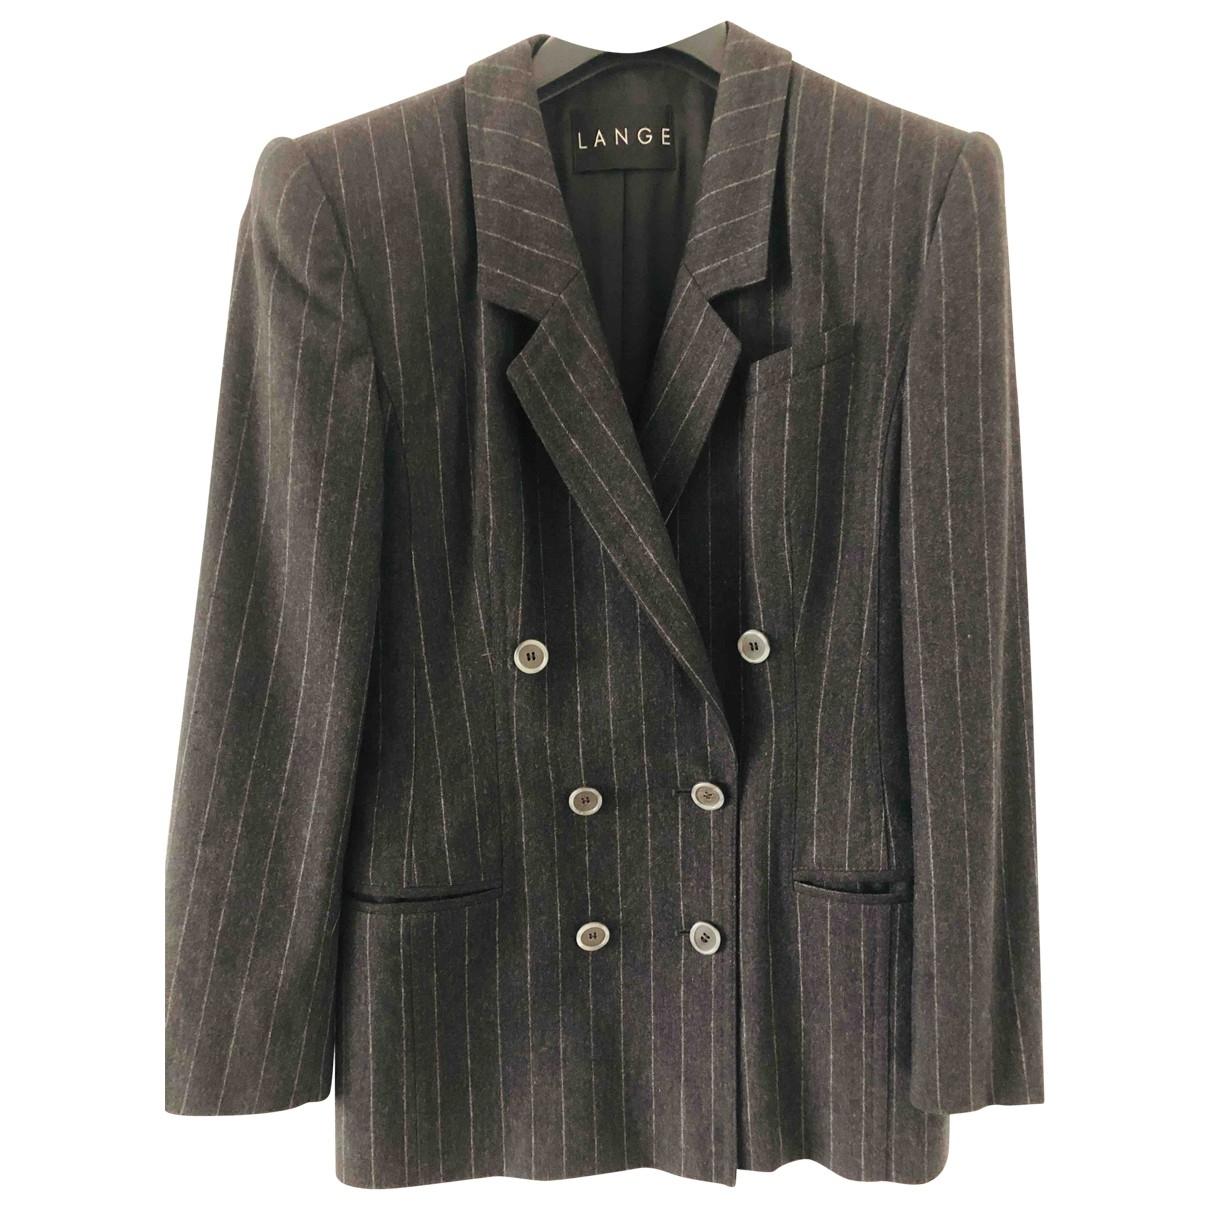 Rena Lange \N Anthracite Wool jacket for Women 10 UK